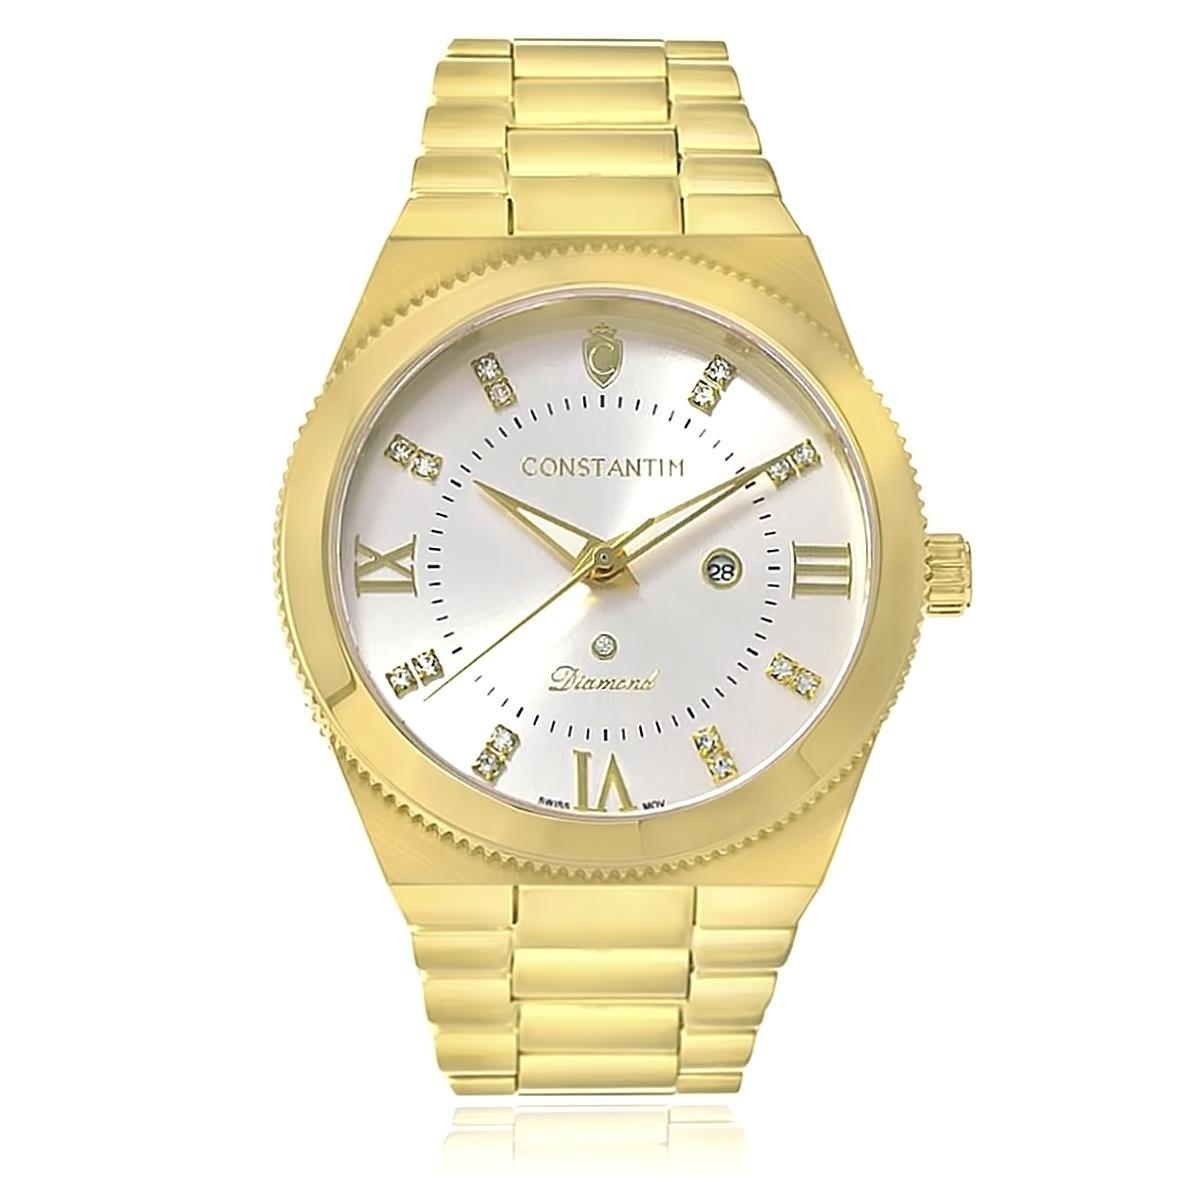 316da3e7fcf relógio constantim diamond gold silver analógico 6651-gs dou. Carregando  zoom.